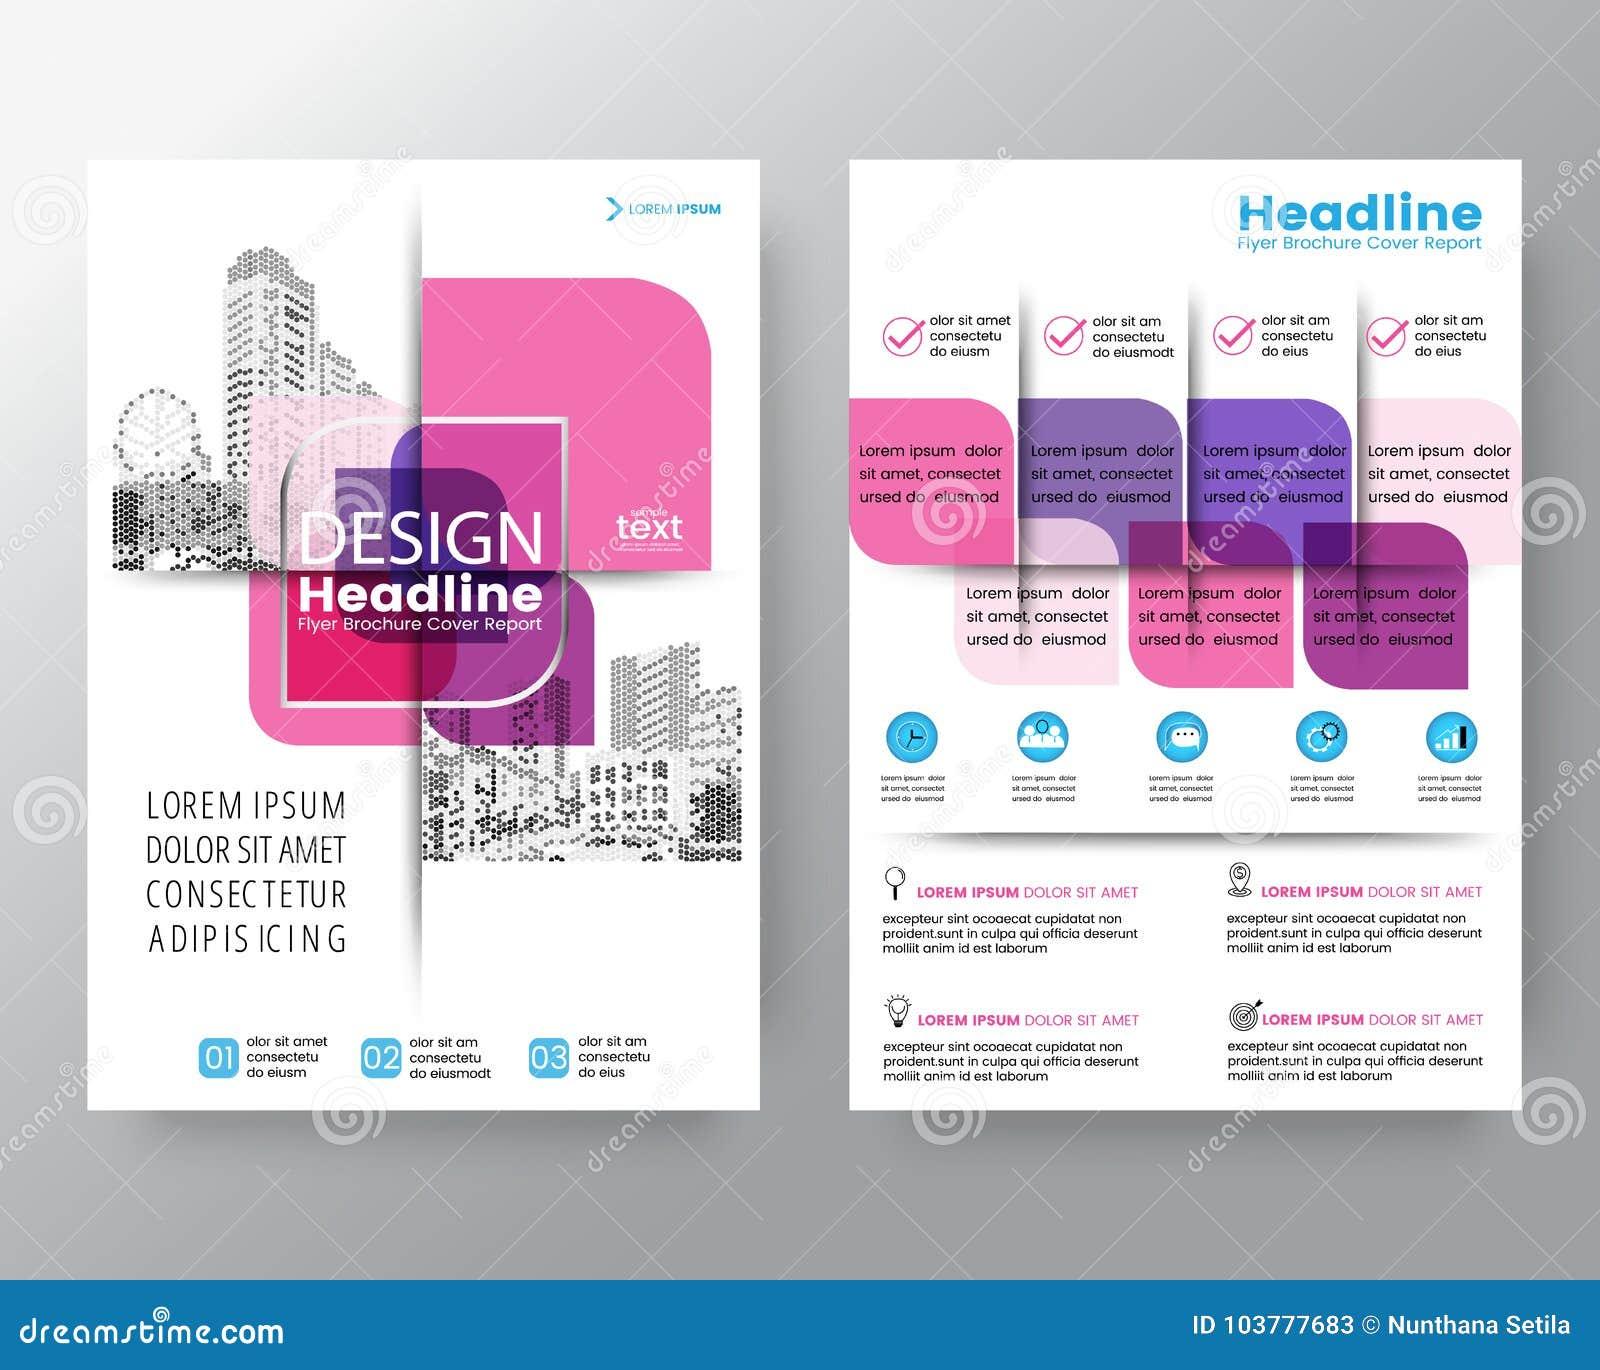 Abstrakte rosa quere grafische Element Vektorbroschürenabdeckungsfliegerplakat-Entwurfschablone in der Größe A4